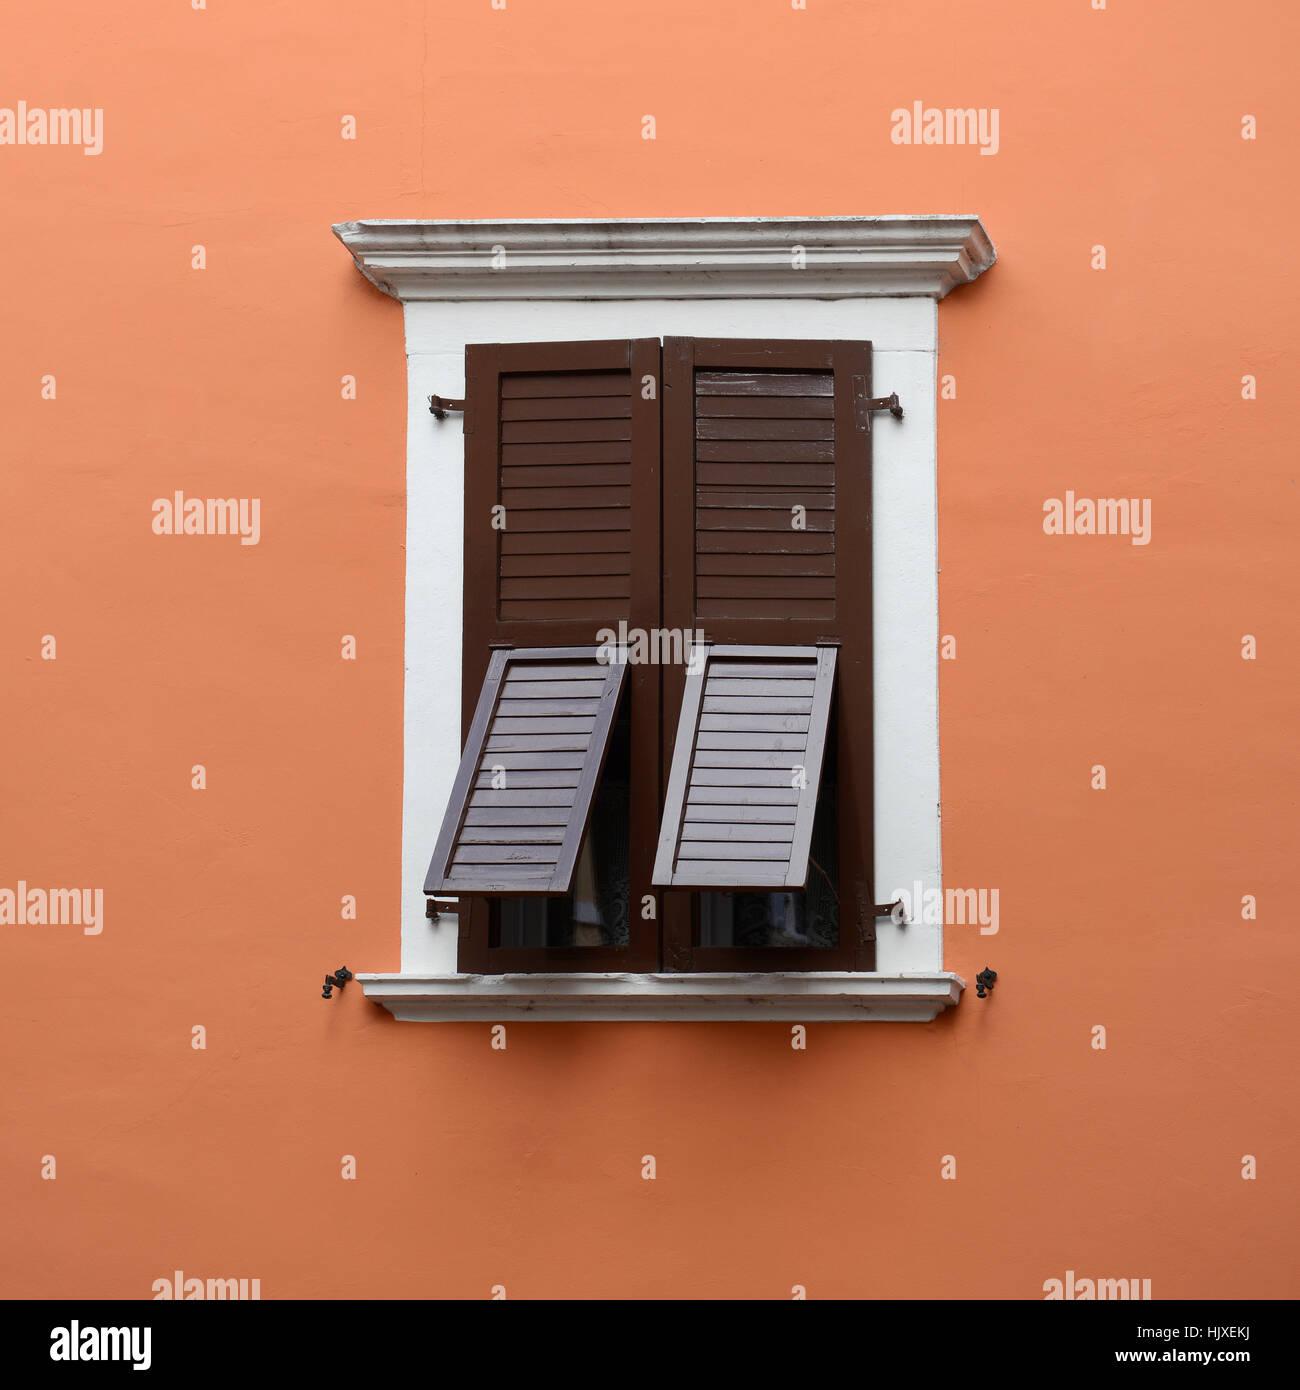 Pietra-inquadrata con la finestra chiusa e parzialmente aperta marrone scuri. Immagini Stock